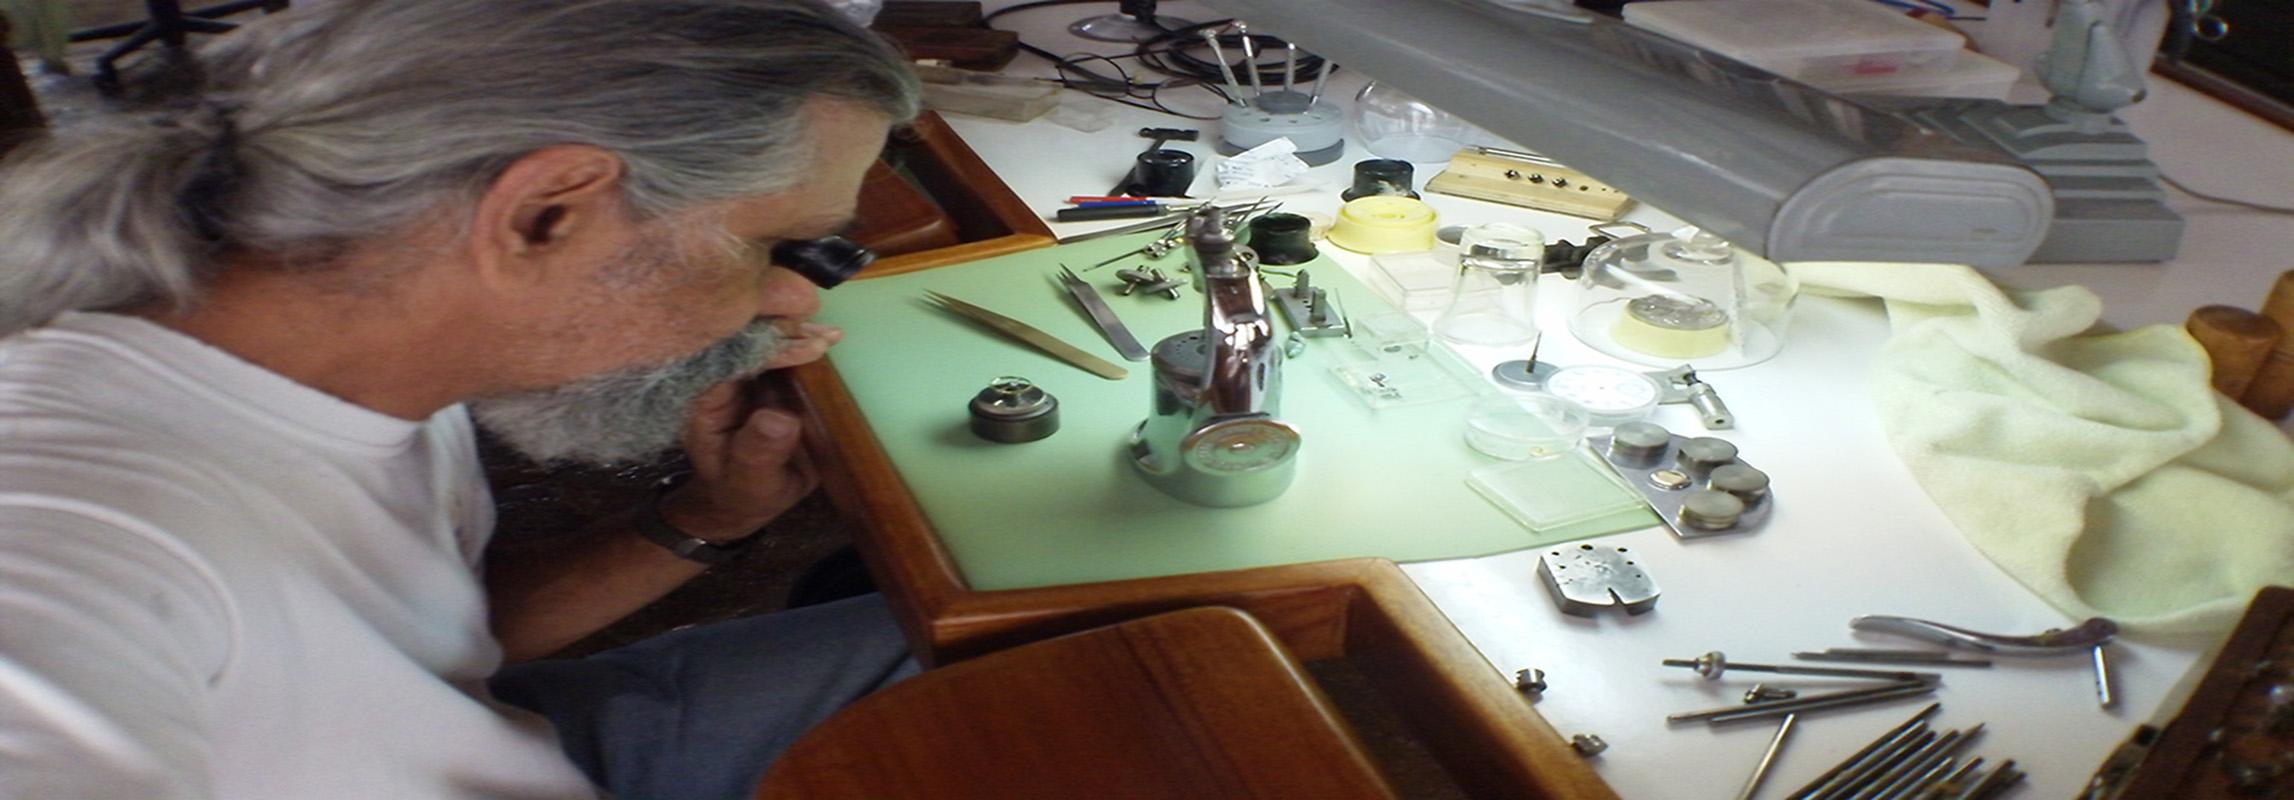 watch repair clock repair